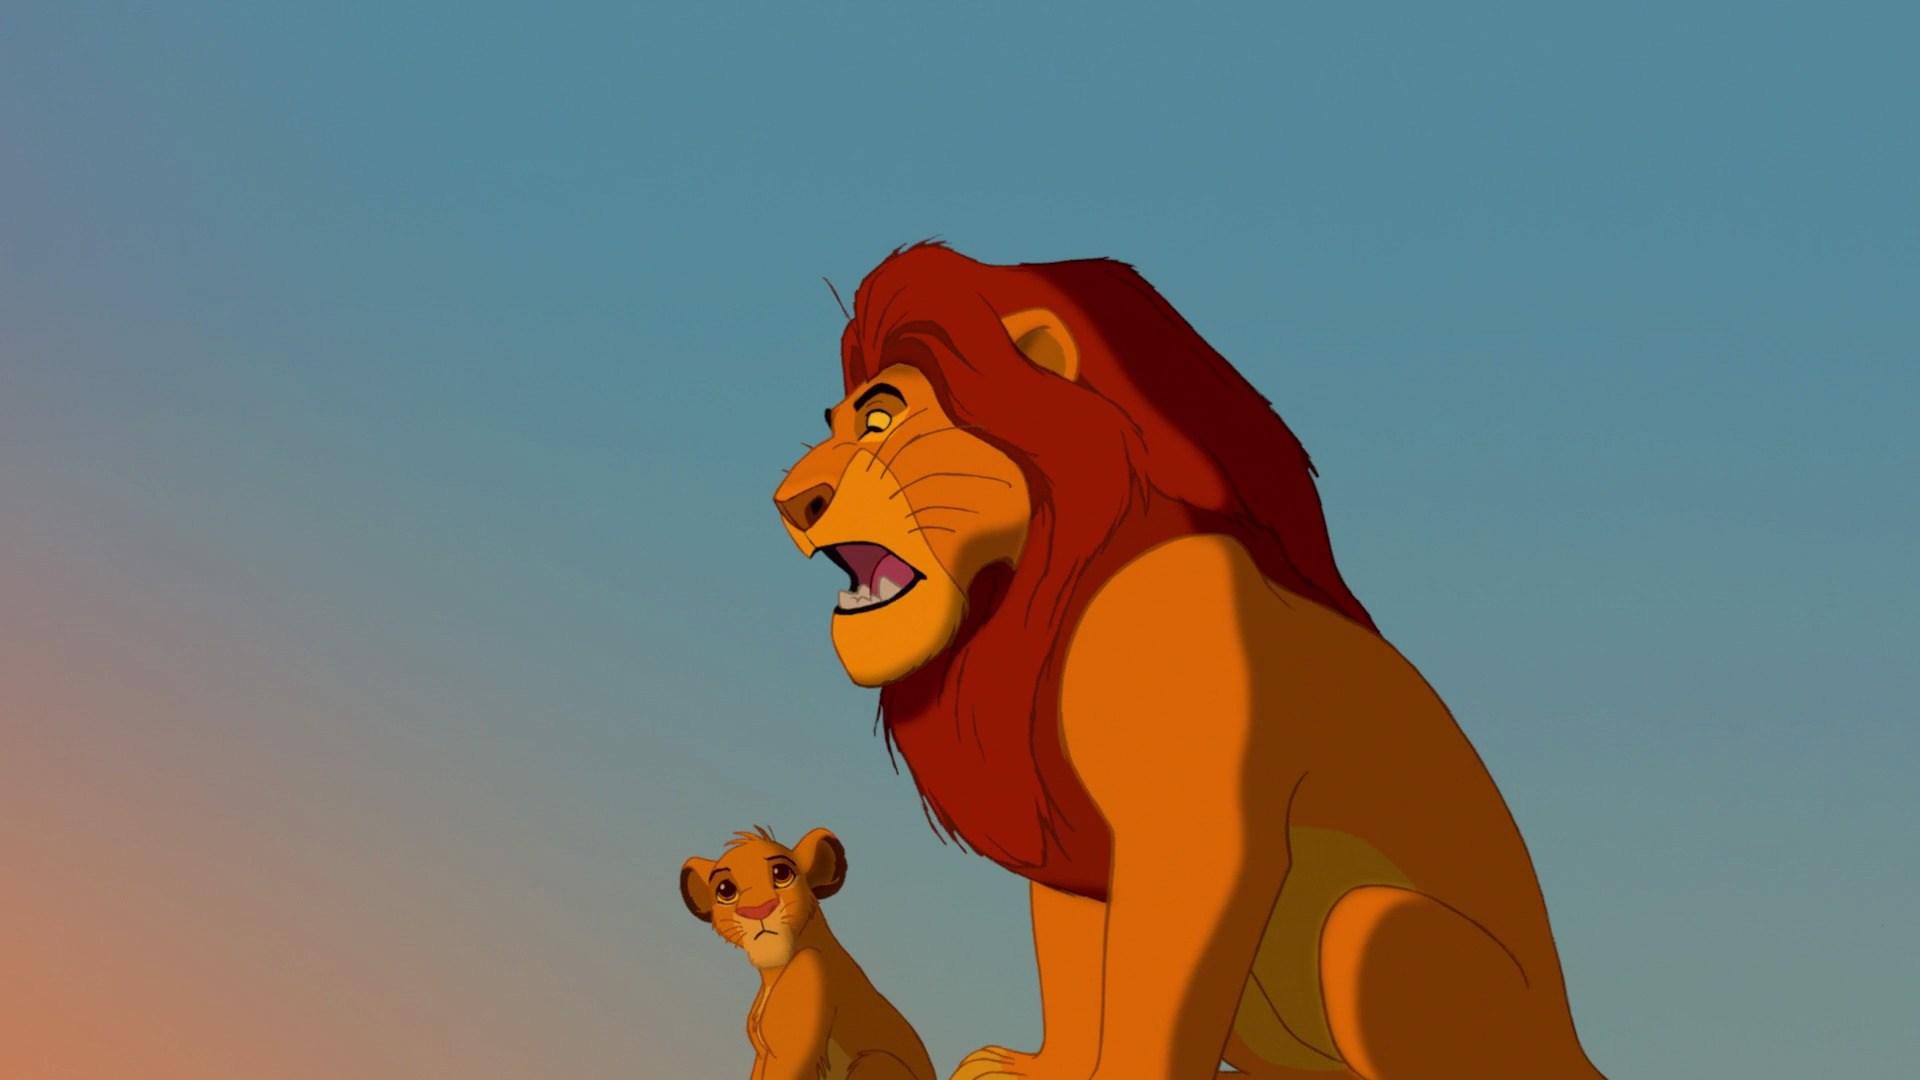 新狮子王与1994年原版的并列比较